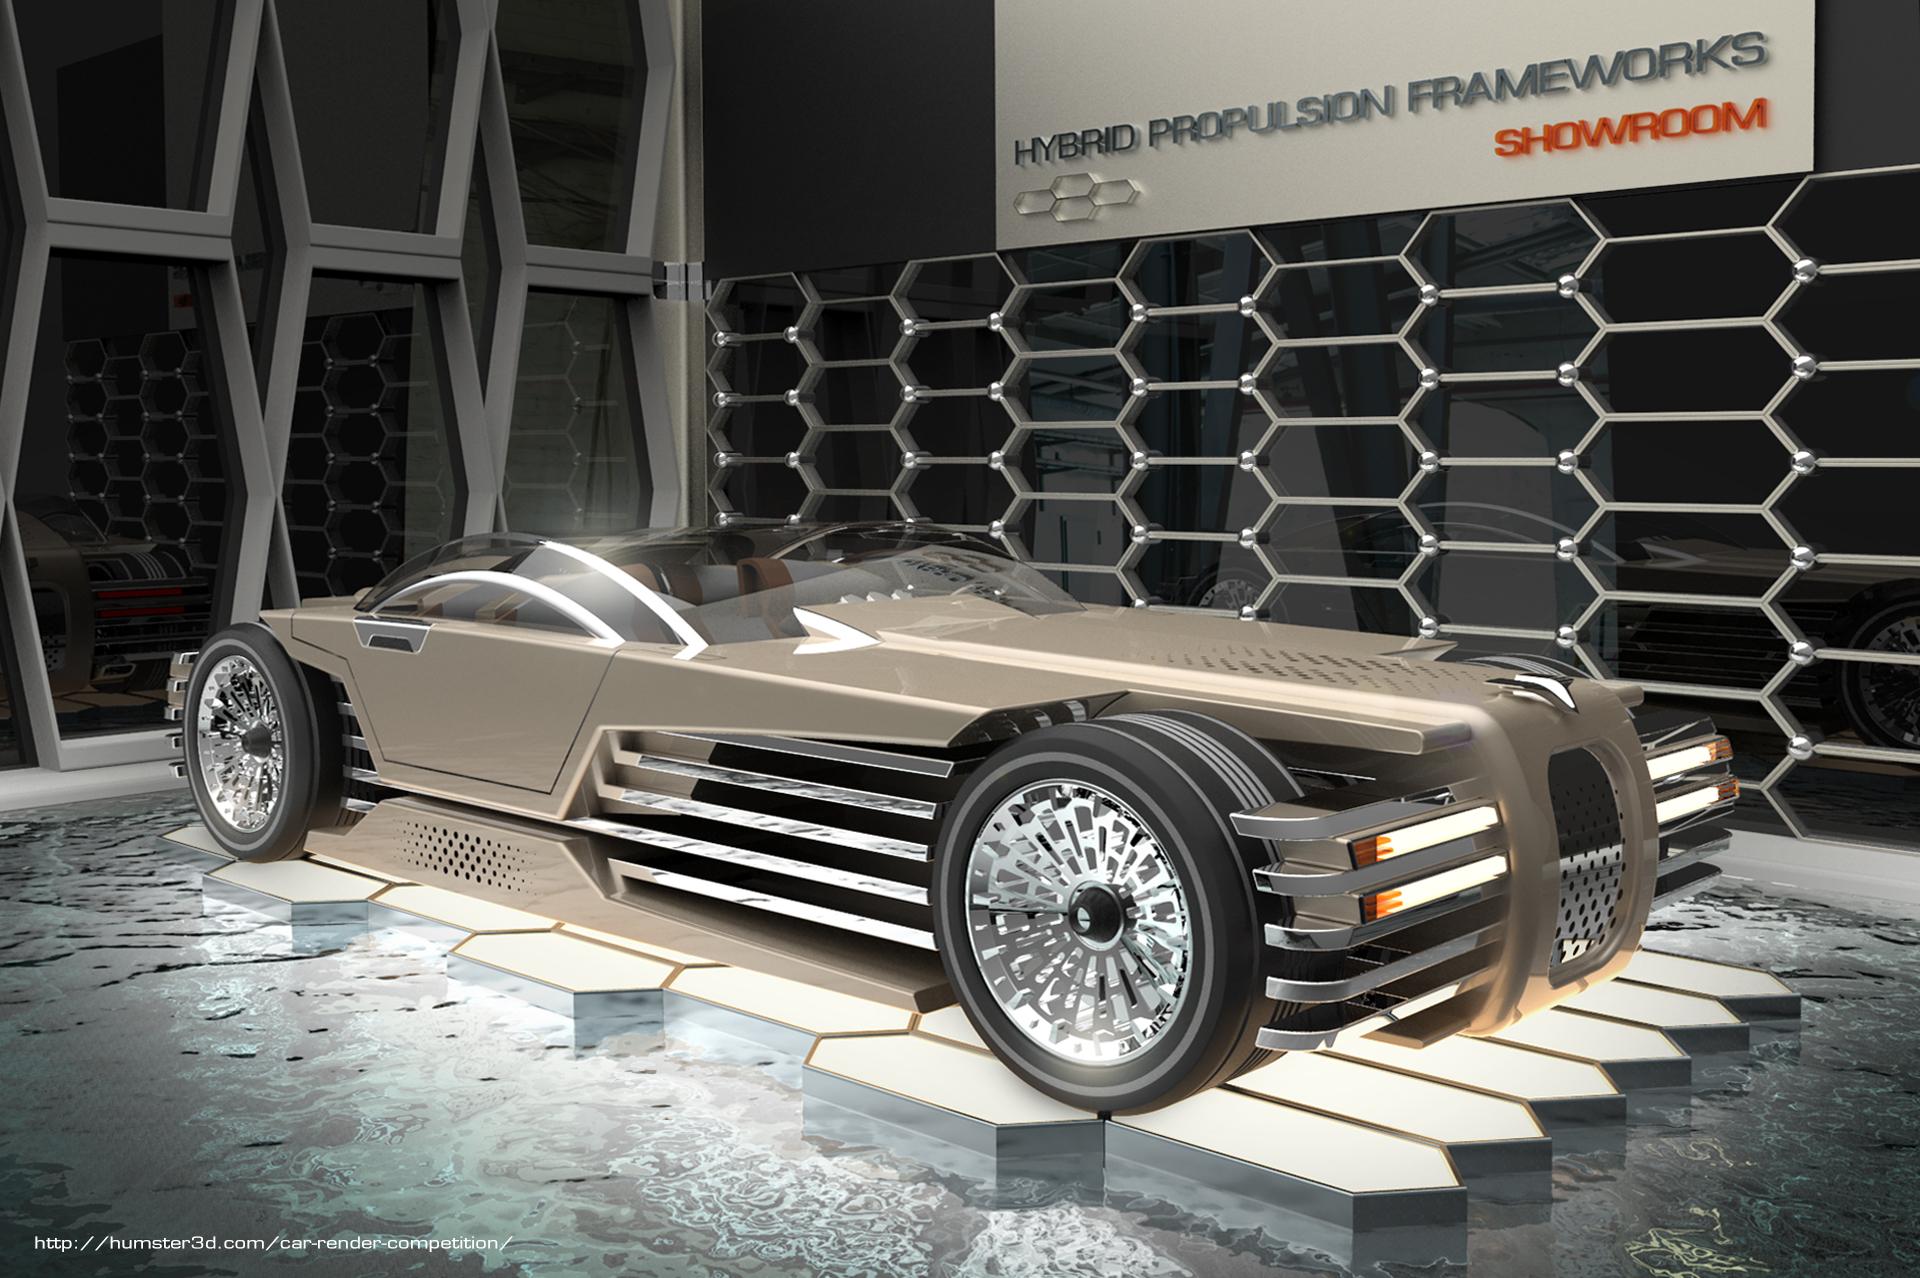 Hybrid Propulsion Frameworks 3d art